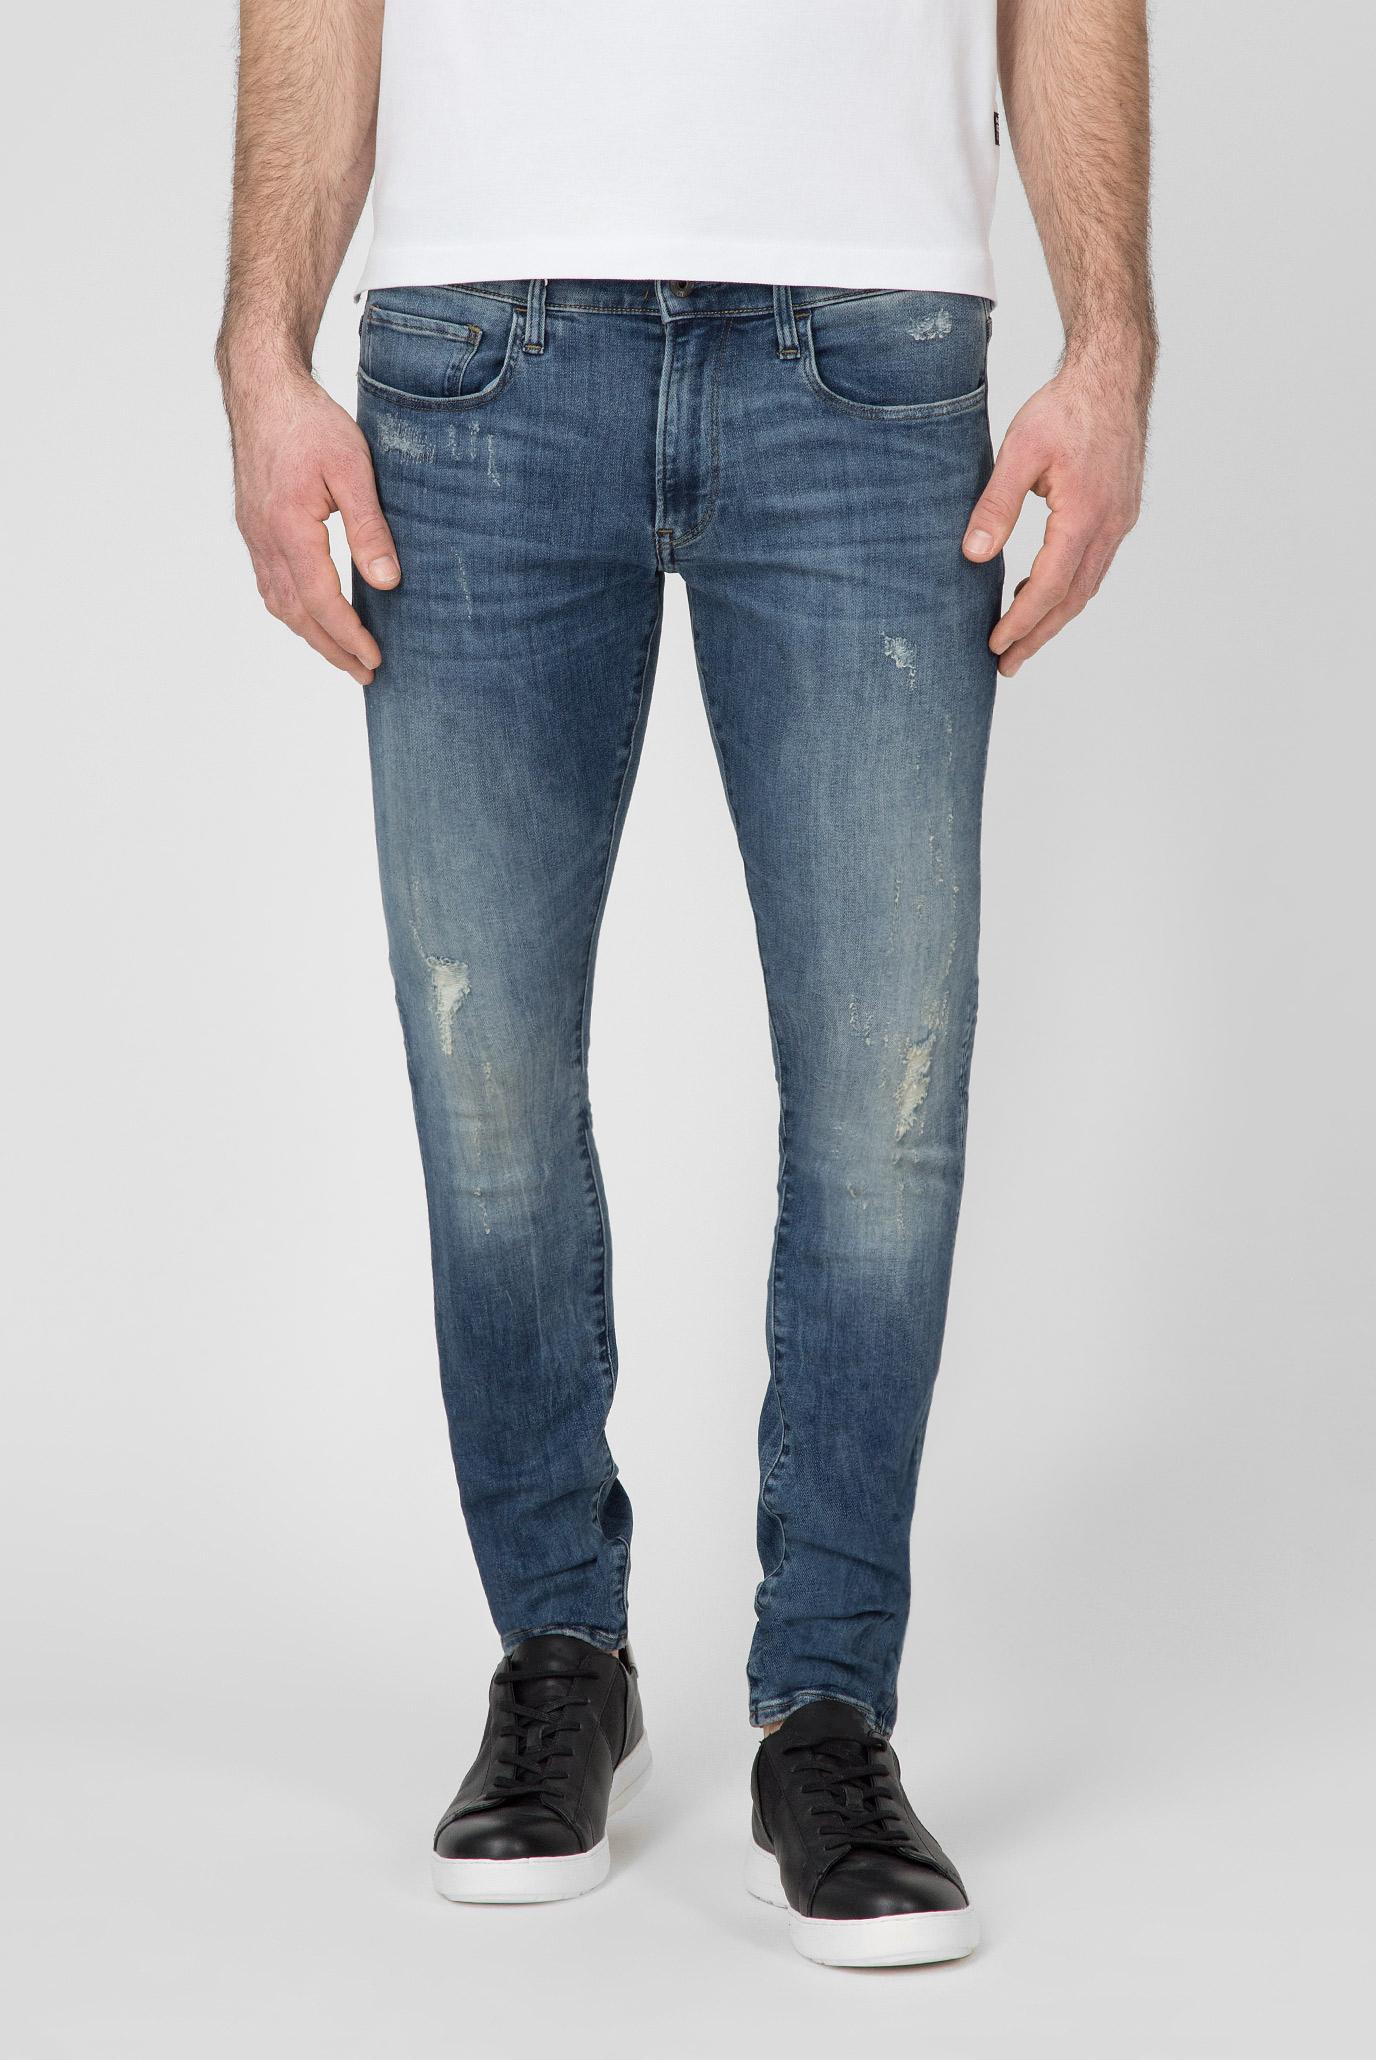 Купить Мужские синие джинсы 3301 DECONSTRUCTED G-Star RAW G-Star RAW D01159,8968 – Киев, Украина. Цены в интернет магазине MD Fashion